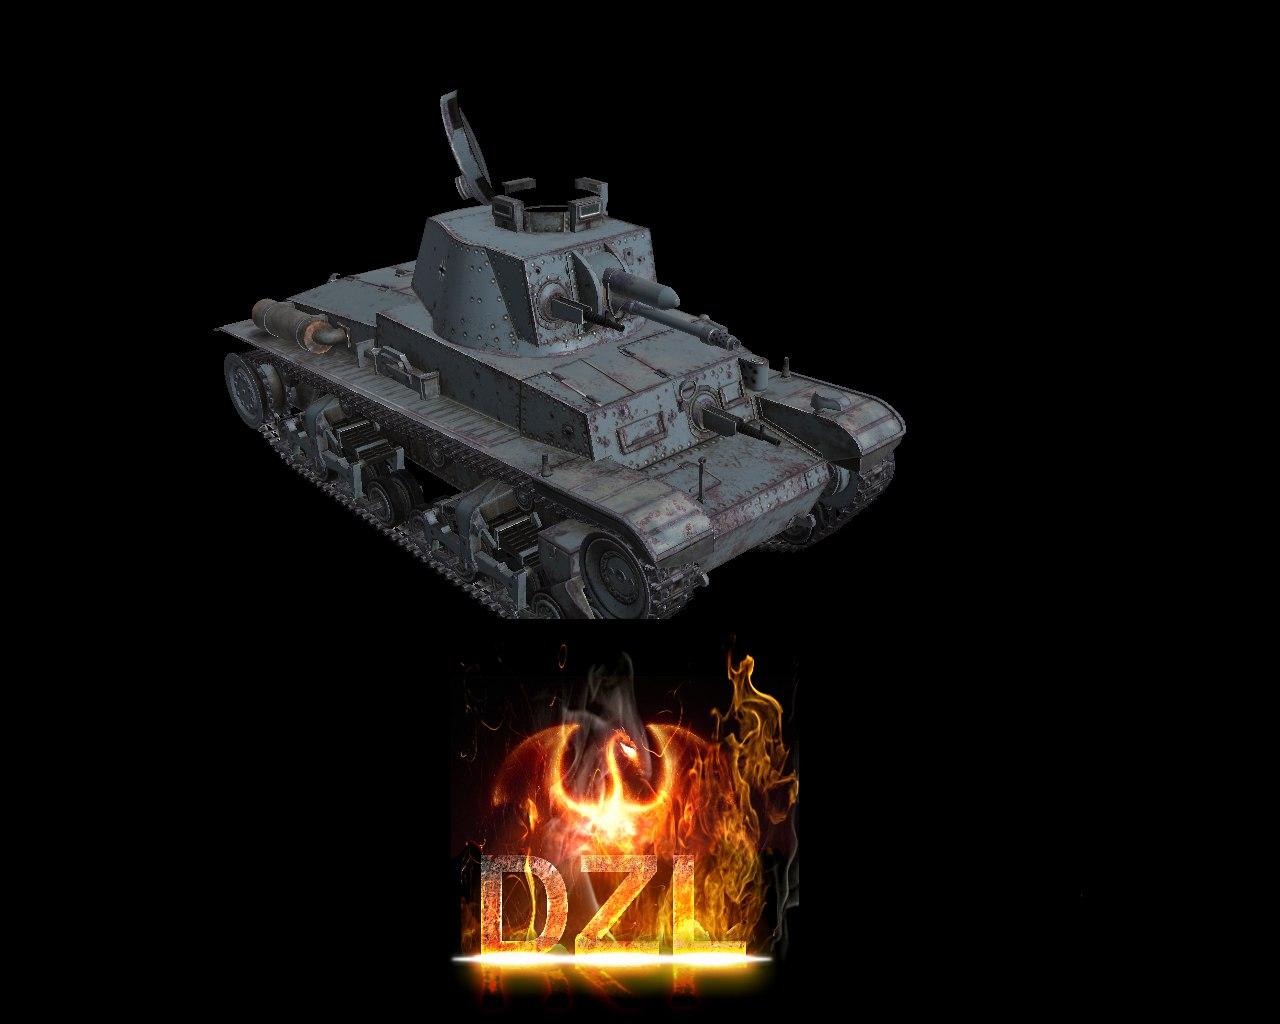 Скачать Pz35t (HD) - автор DZL — бесплатно